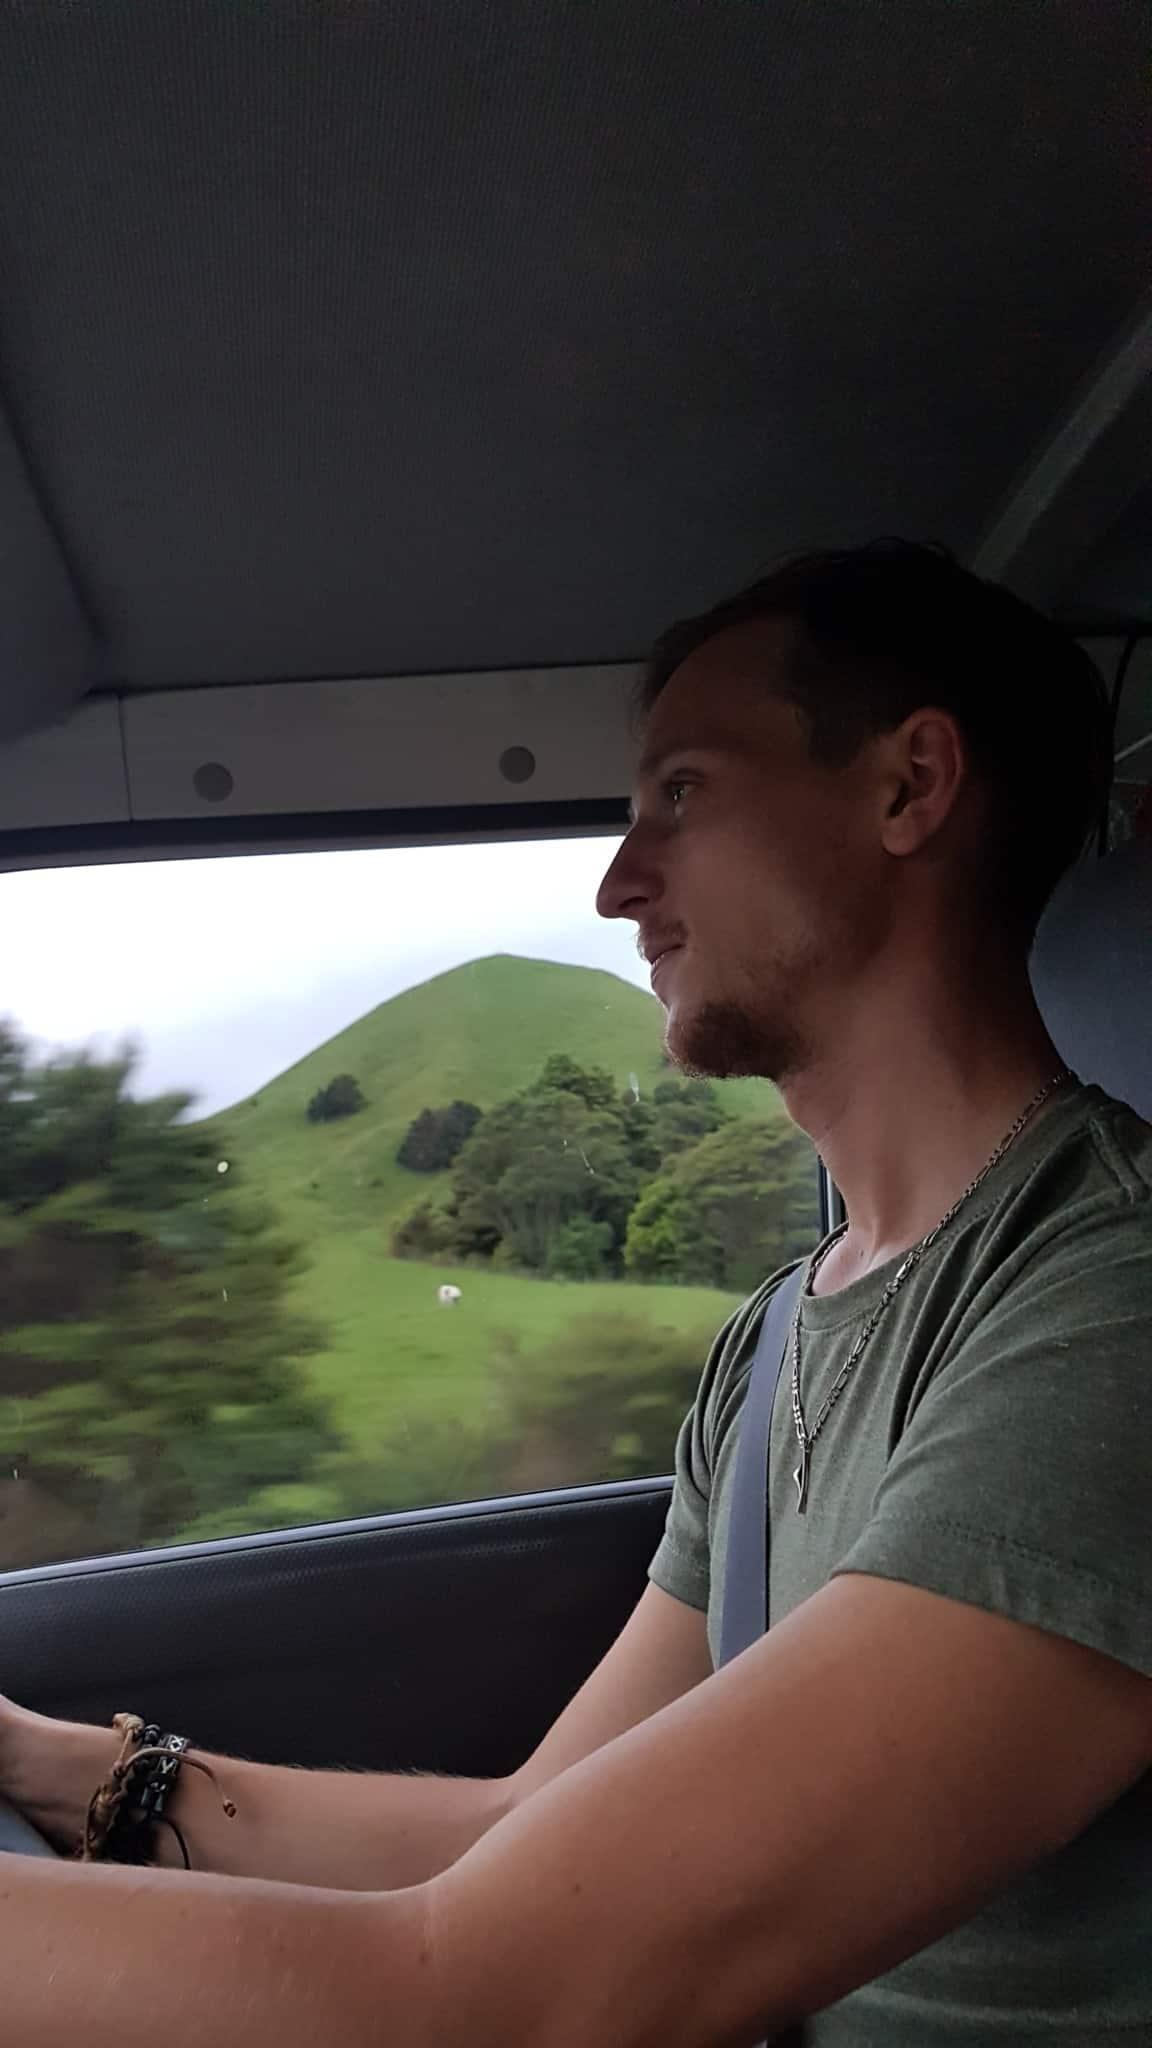 Nouvelle-Zélande, on prend enfin la route avec notre van ! 🚀 7